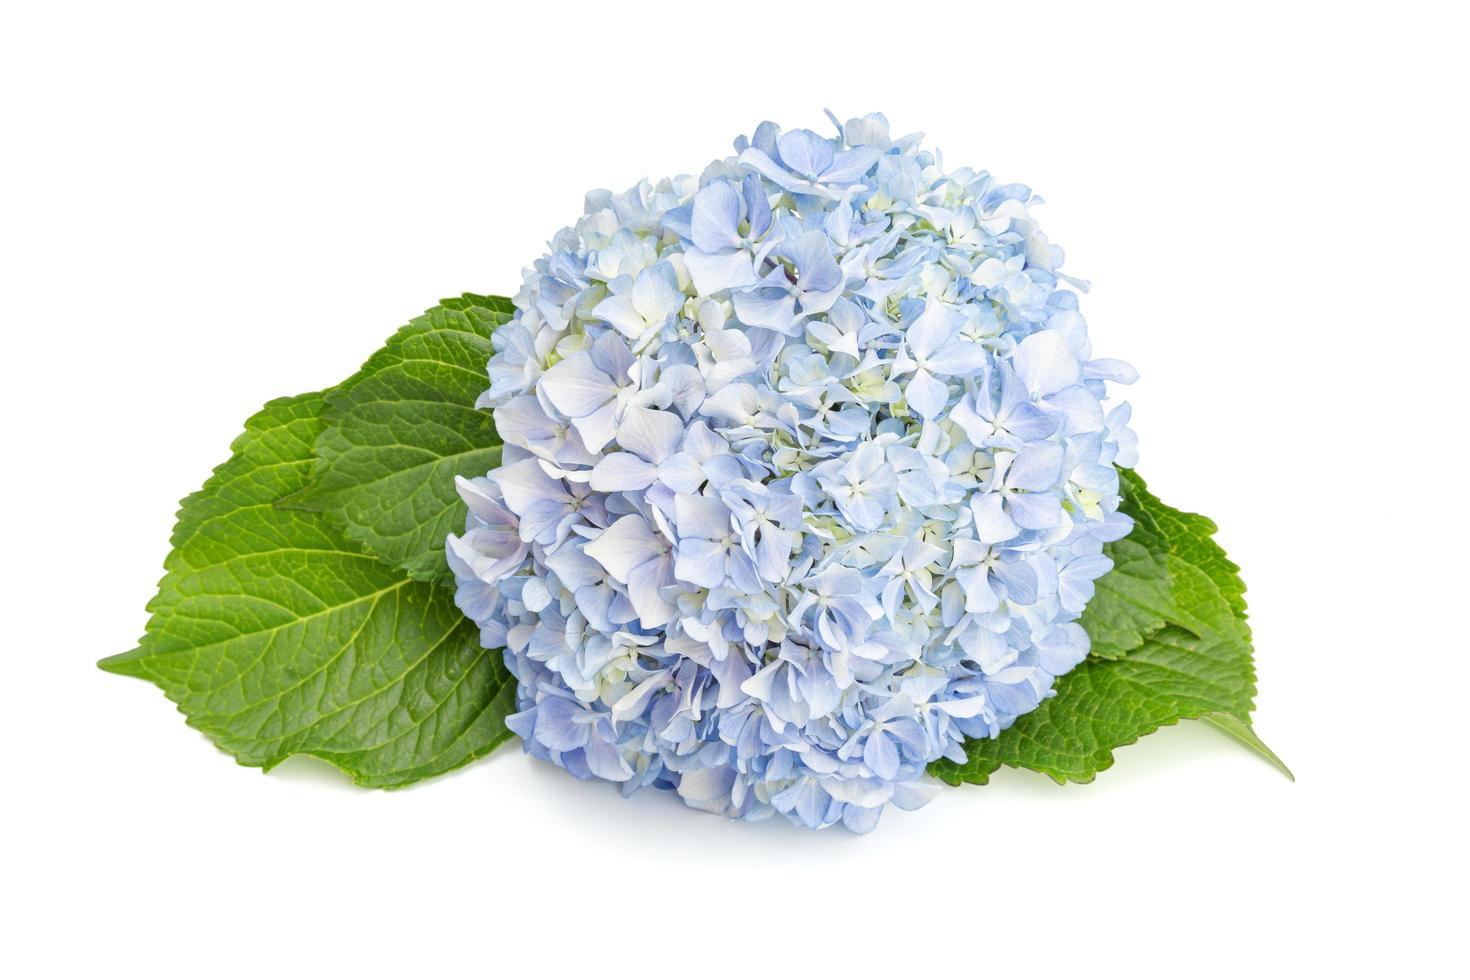 Hortensie und Blätter lokalisiert auf weißem Hintergrund foto